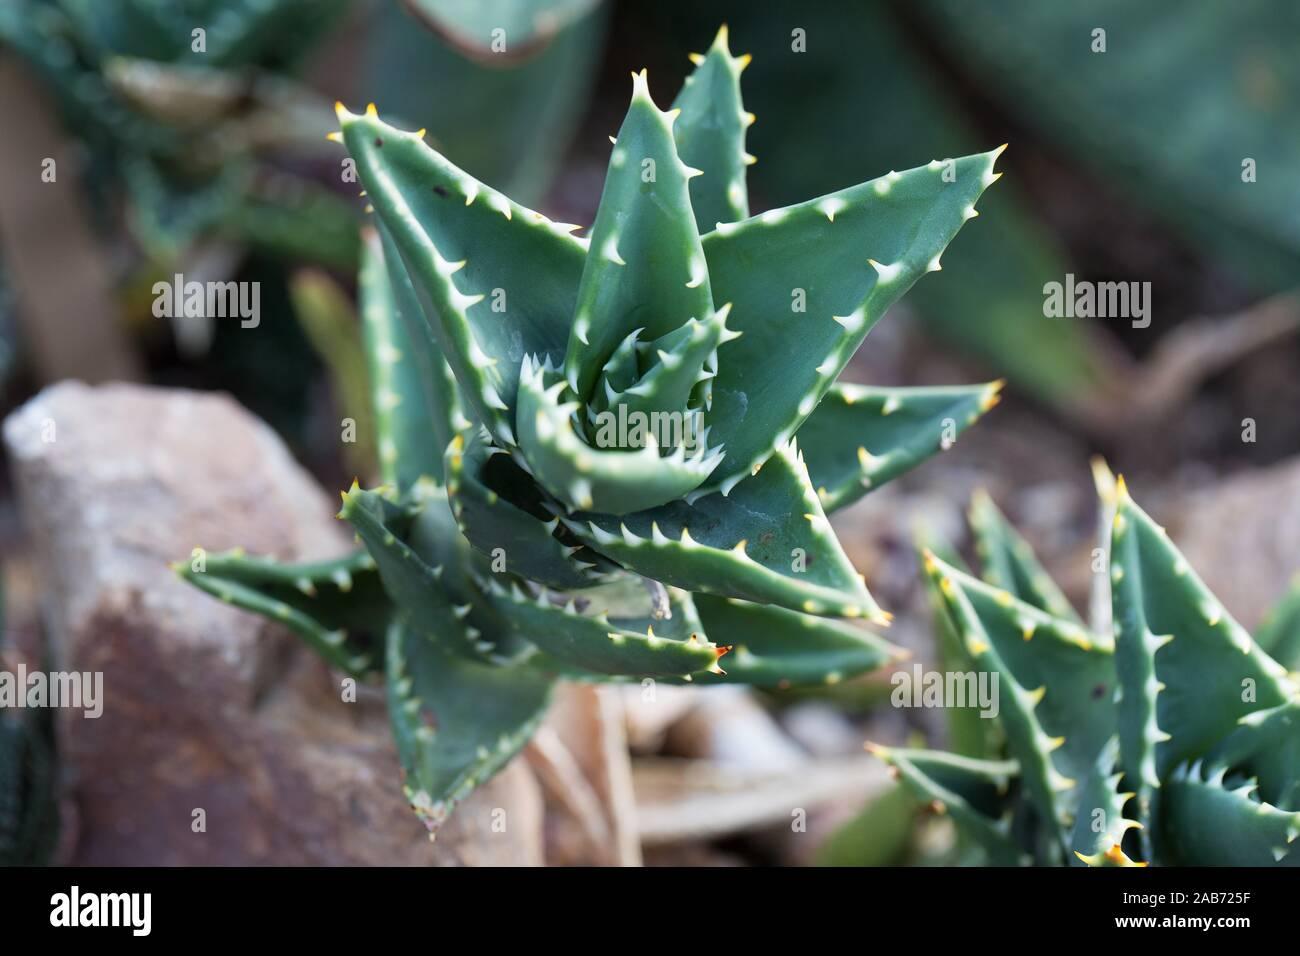 Aloe In Giardino giardino di aloe immagini & giardino di aloe fotos stock - alamy